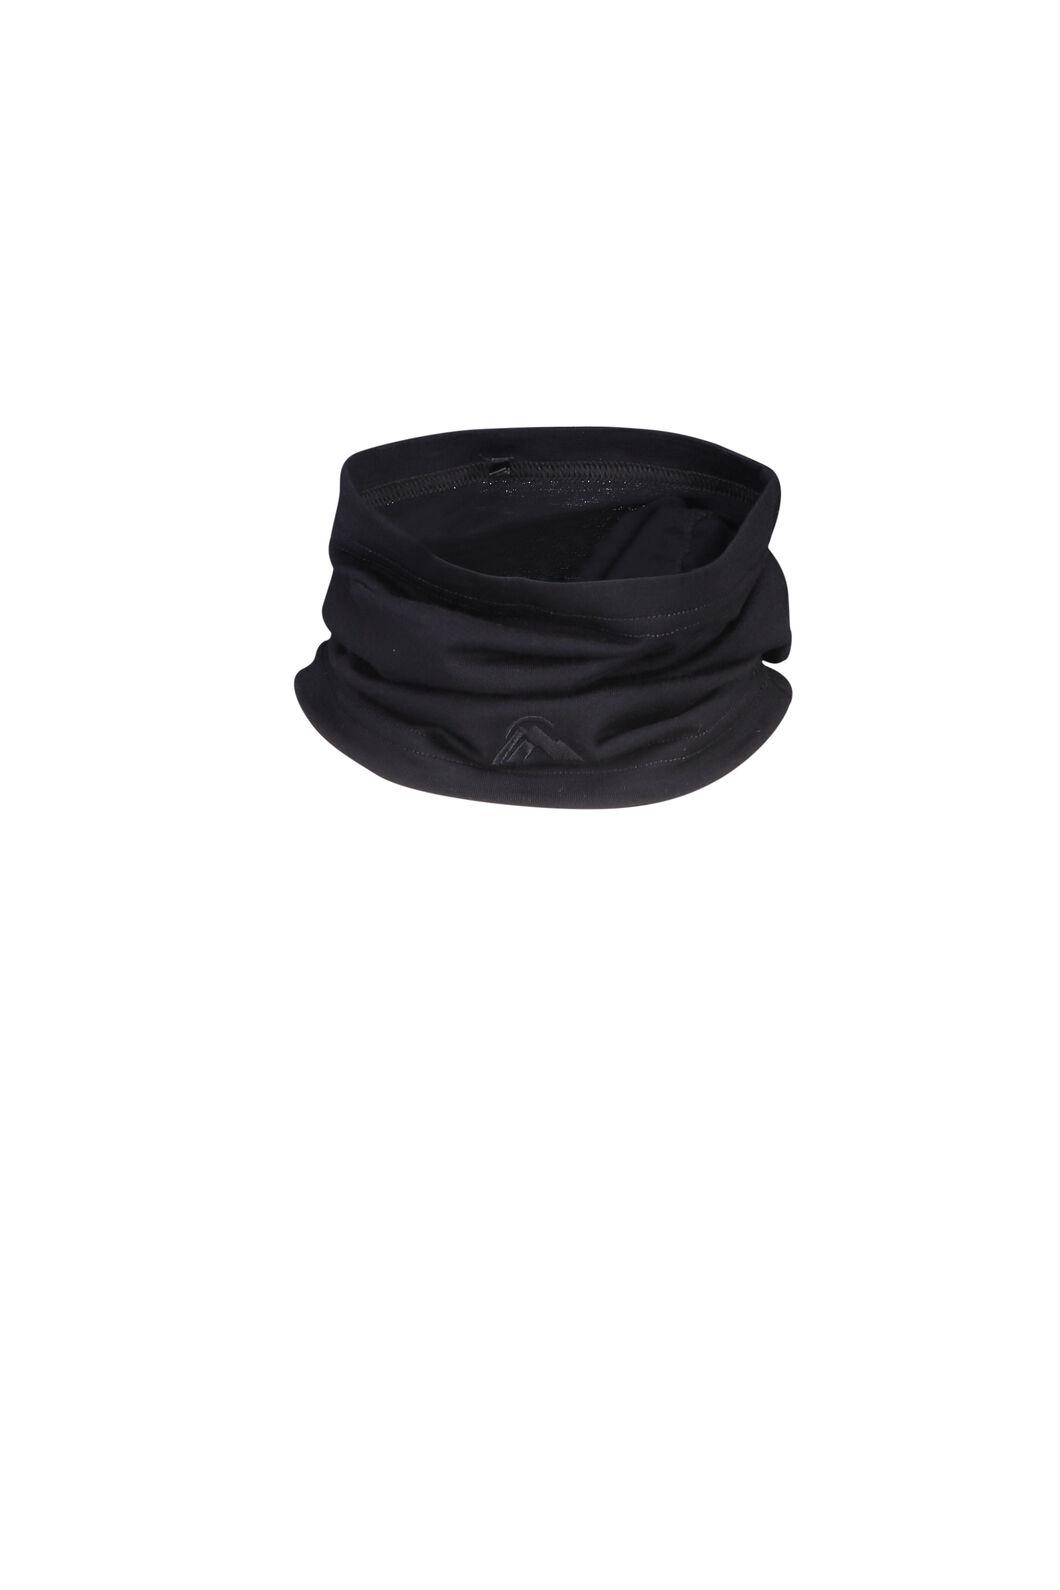 Macpac Merino 150 Neck Gaiter, Black, hi-res